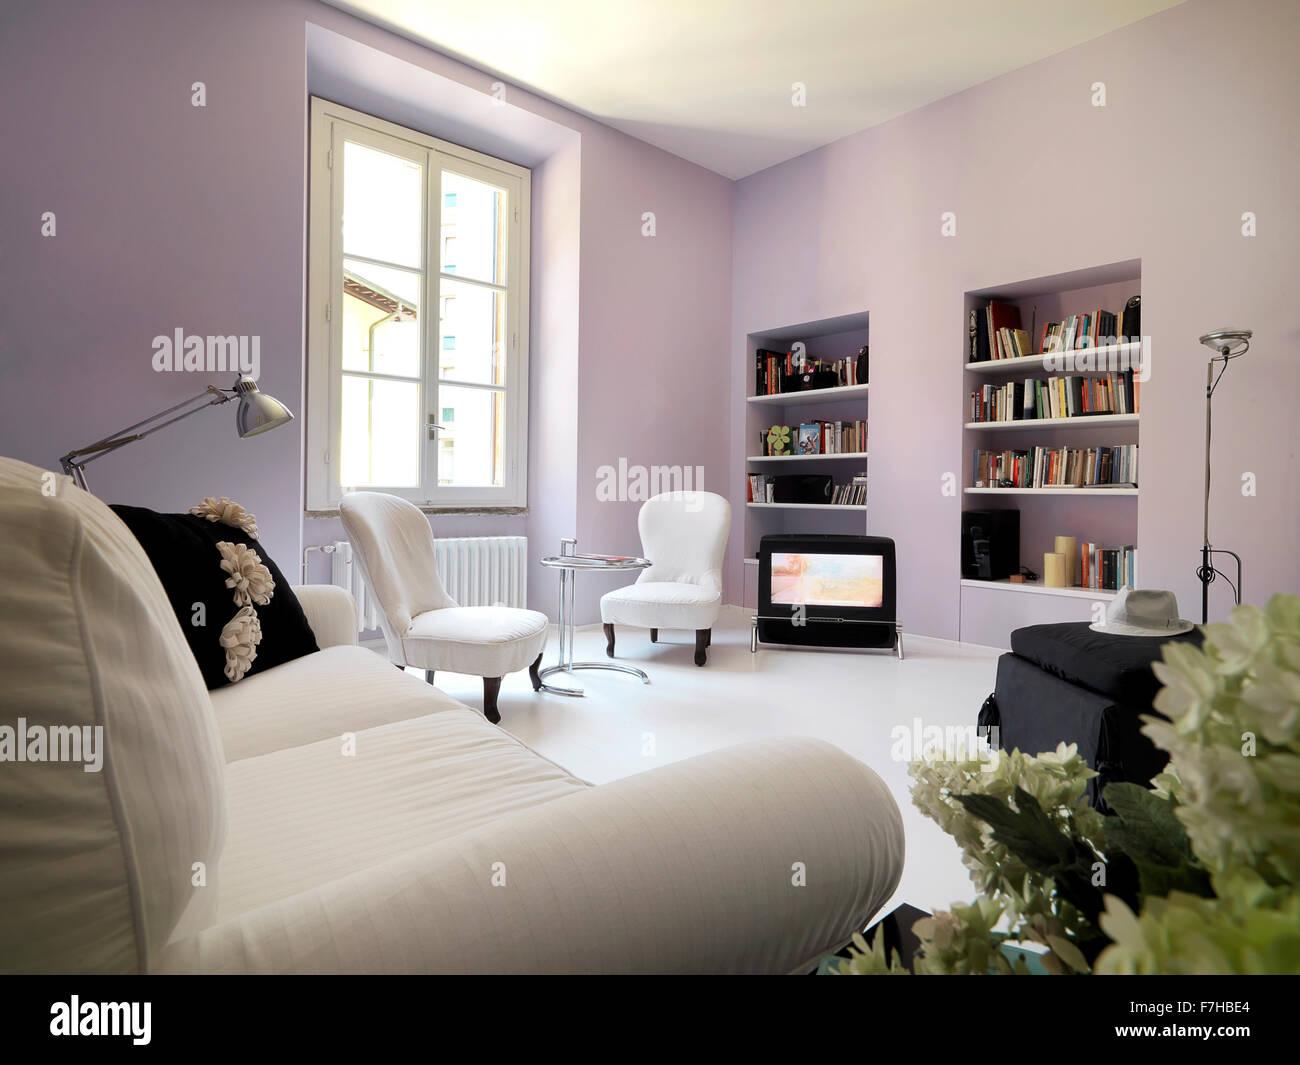 Klassische Wohnzimmer mit Wänden aus lila Farbe und Bücherregal Stockbild